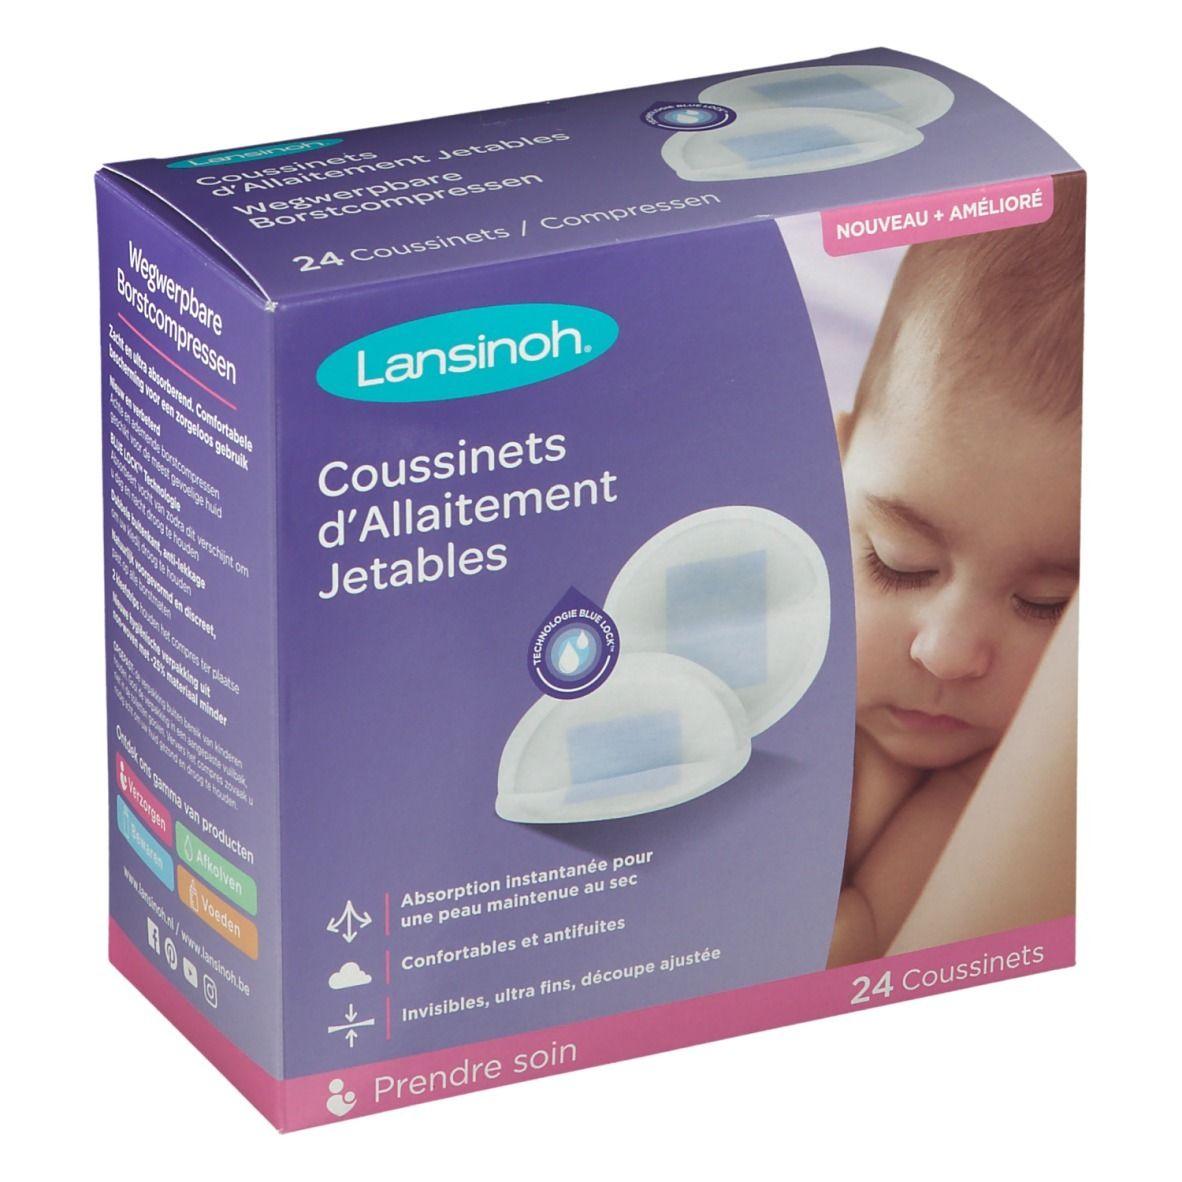 Lansinoh® Coussinets d'allaitement jetables Blue Lock®